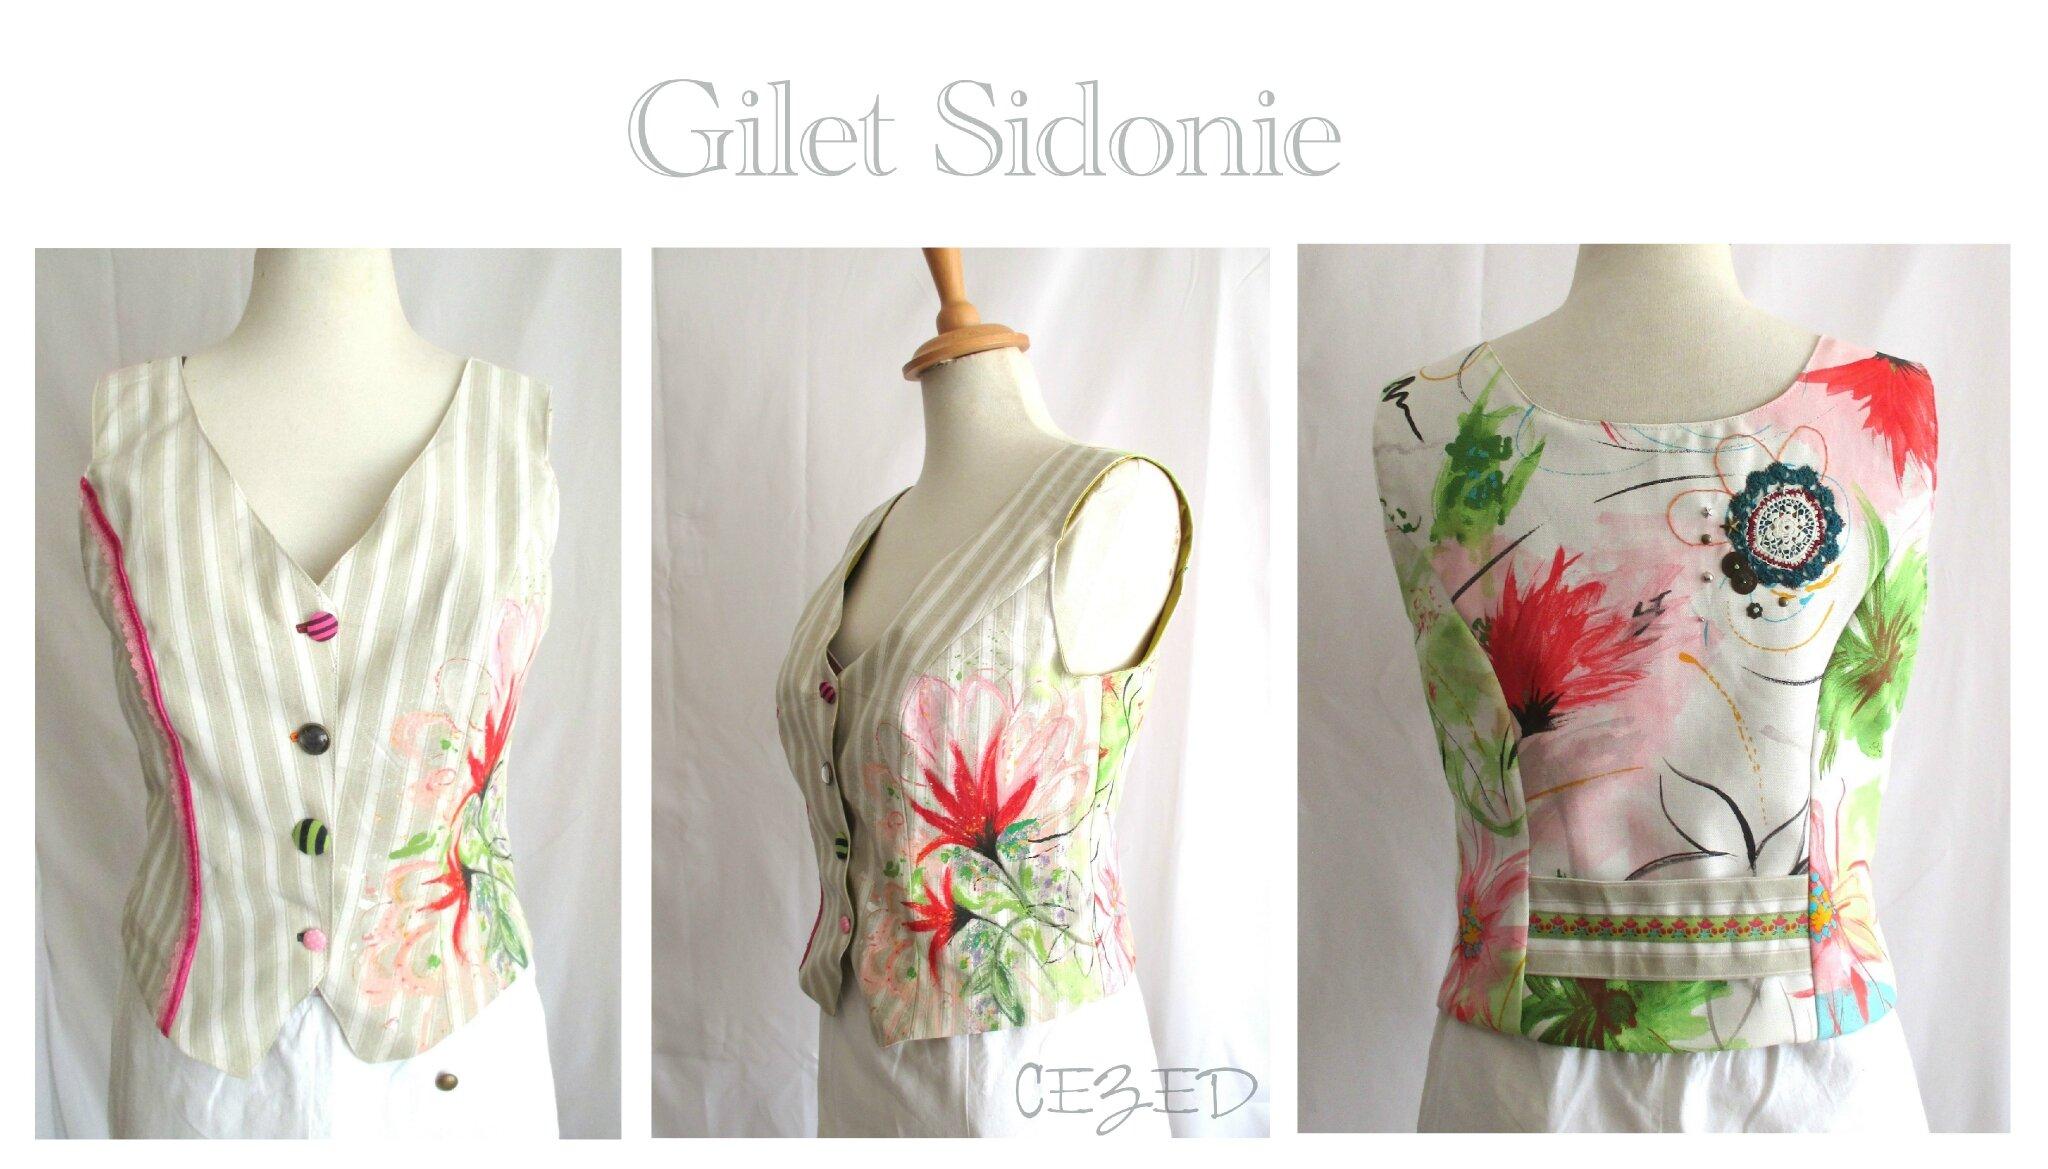 GILET Sidonie